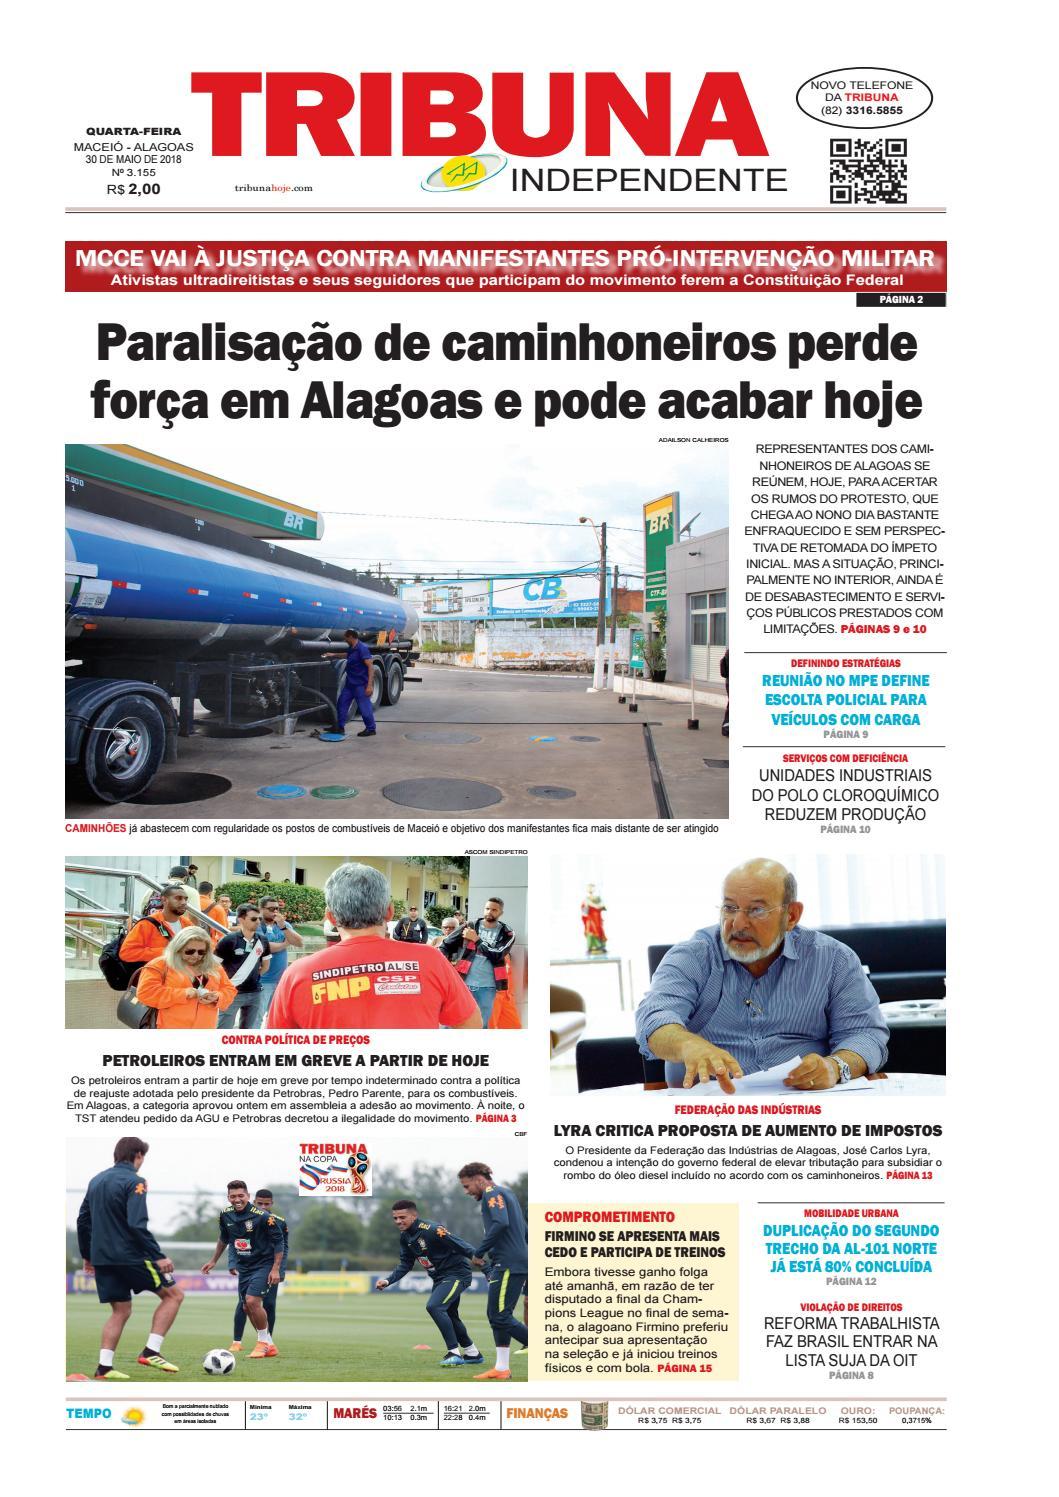 34ae764b3 Edição número 3155 - 30 de maio de 2018 by Tribuna Hoje - issuu